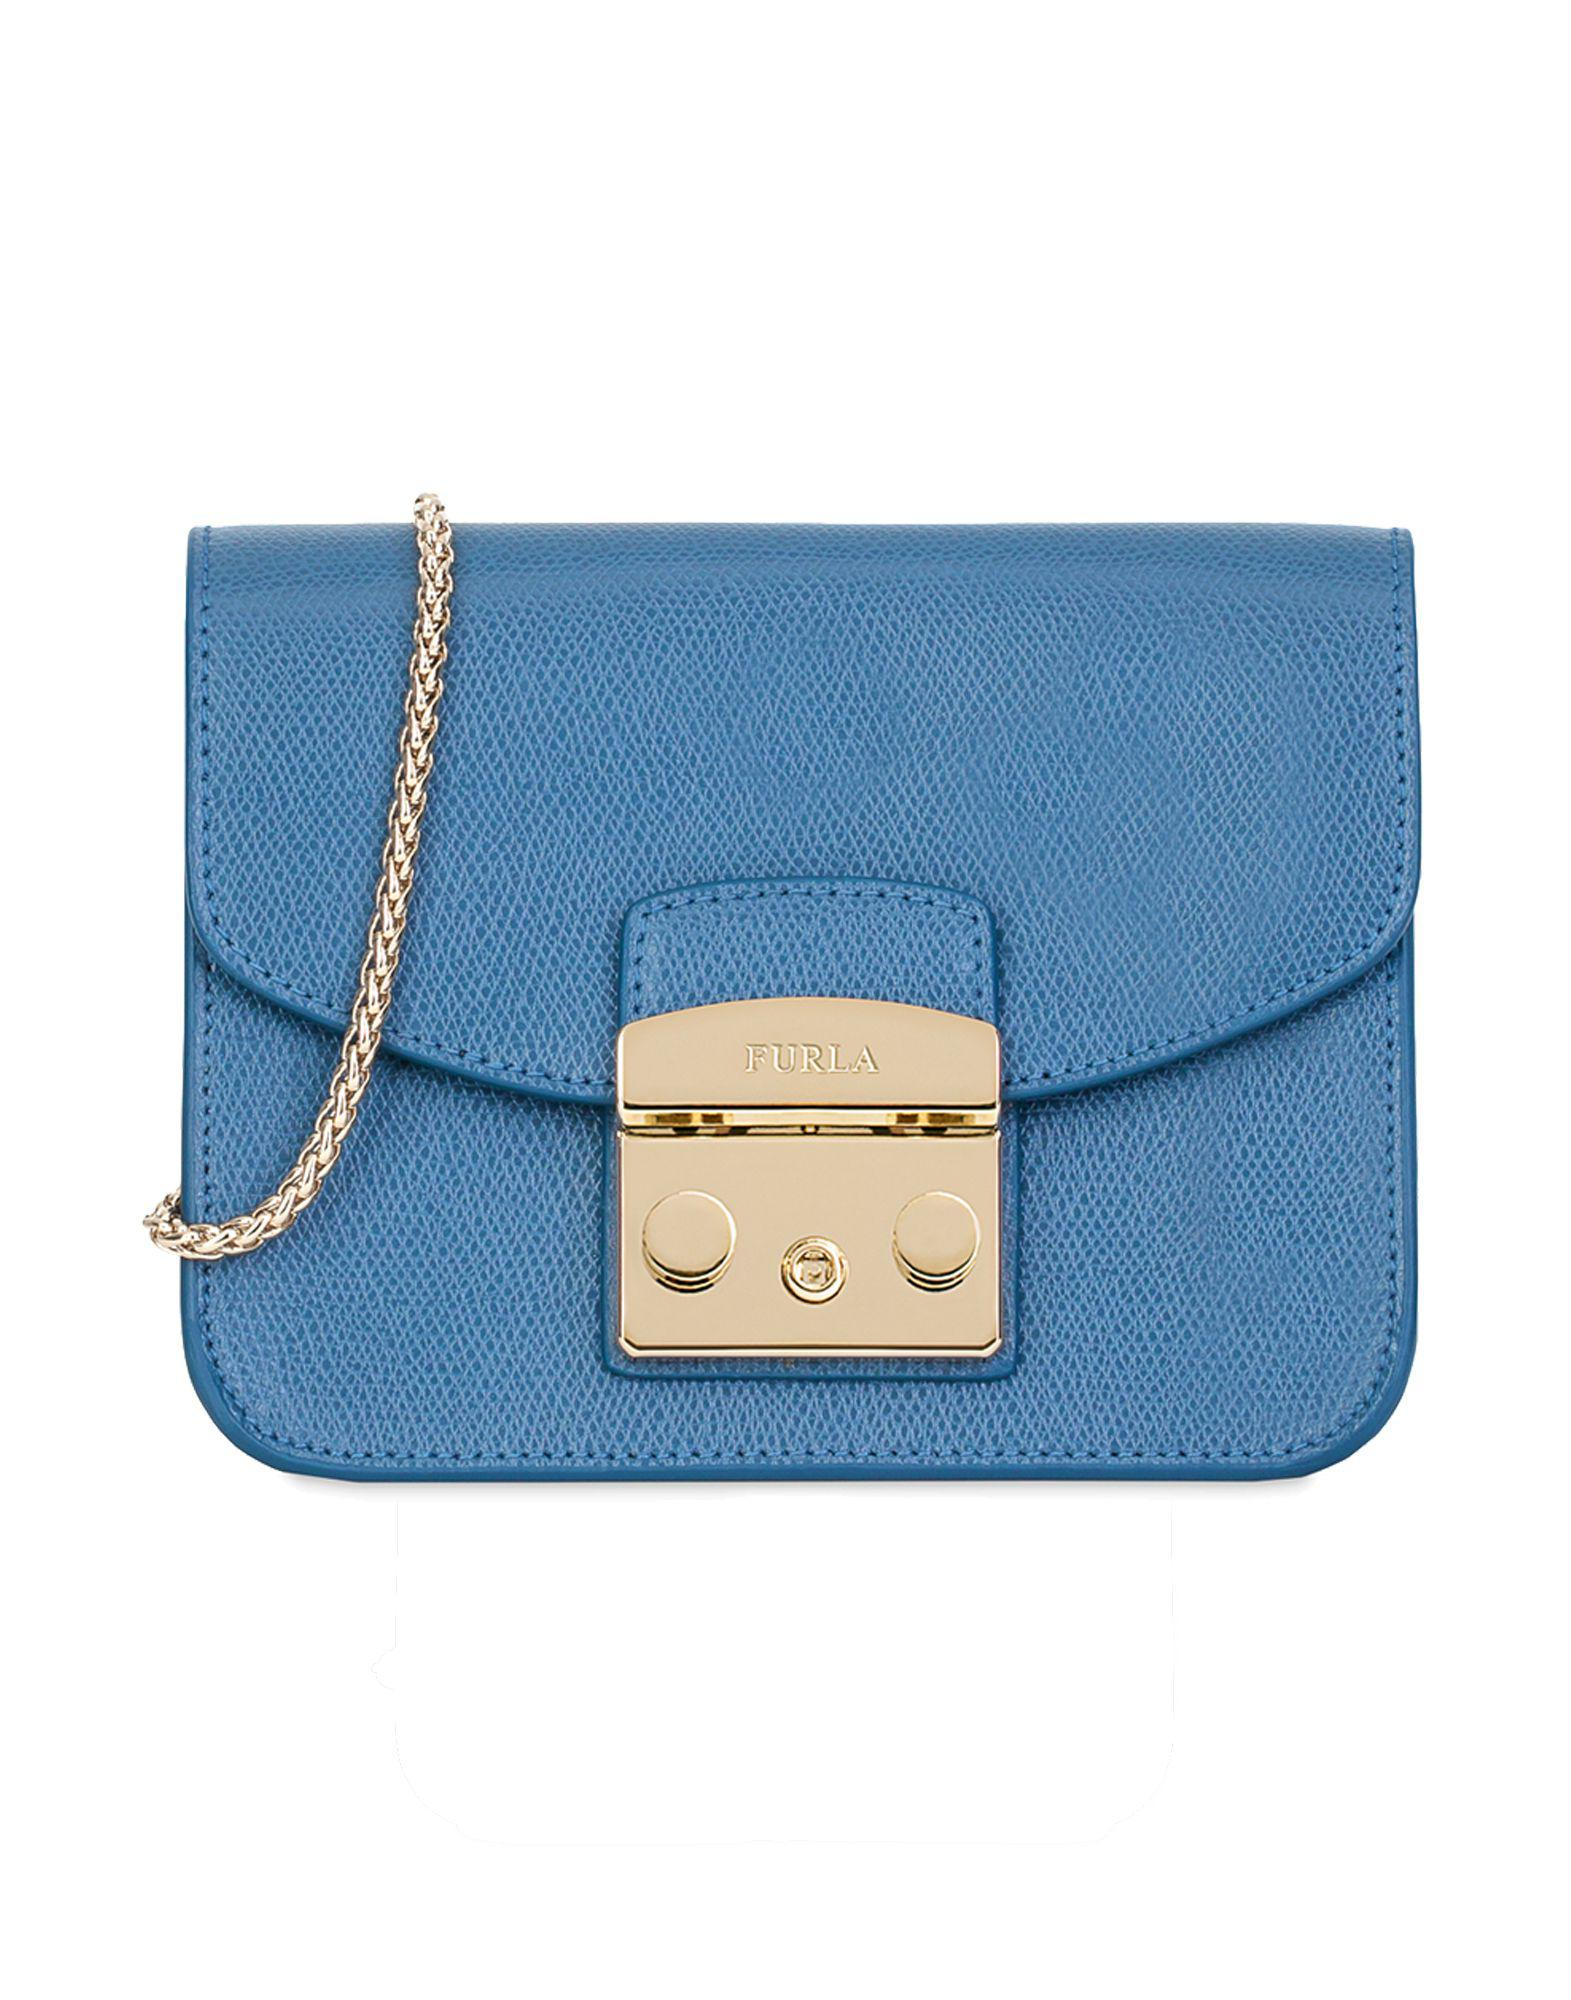 ebde832c0d Lyst - Sacs Bandoulière Furla en coloris Bleu